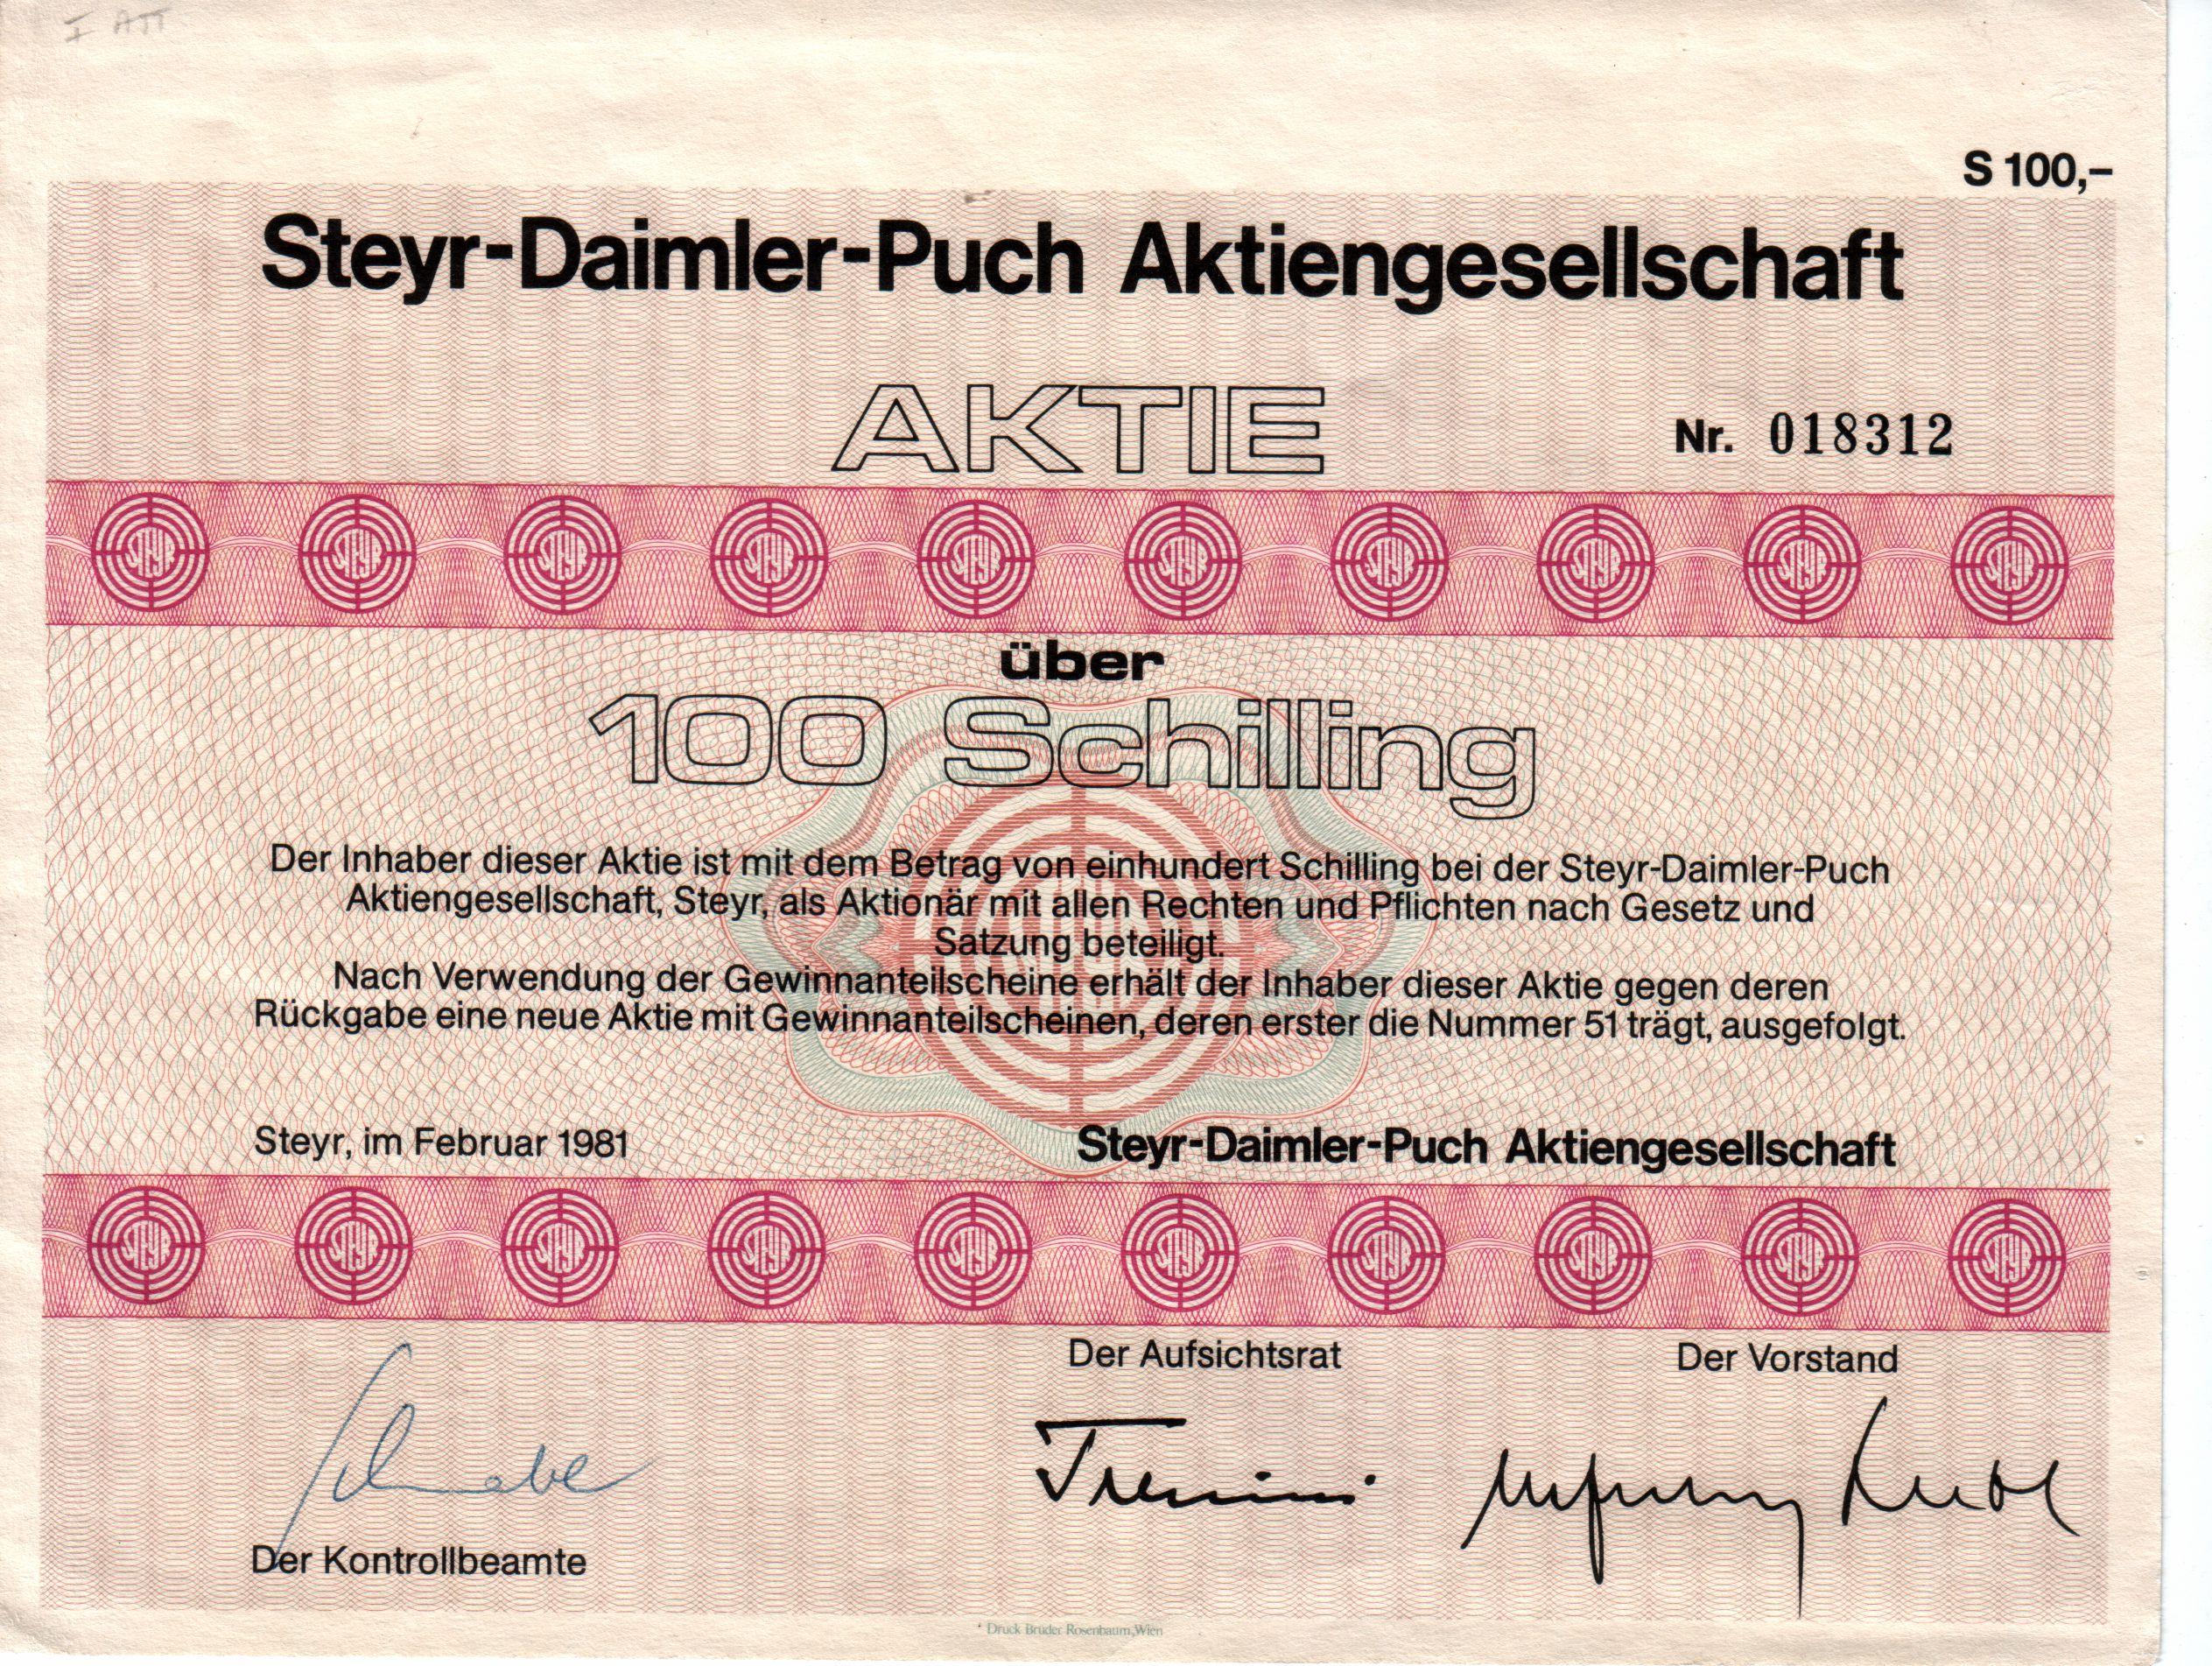 Daimler Puch ag File:aktie Steyr-daimler-puch